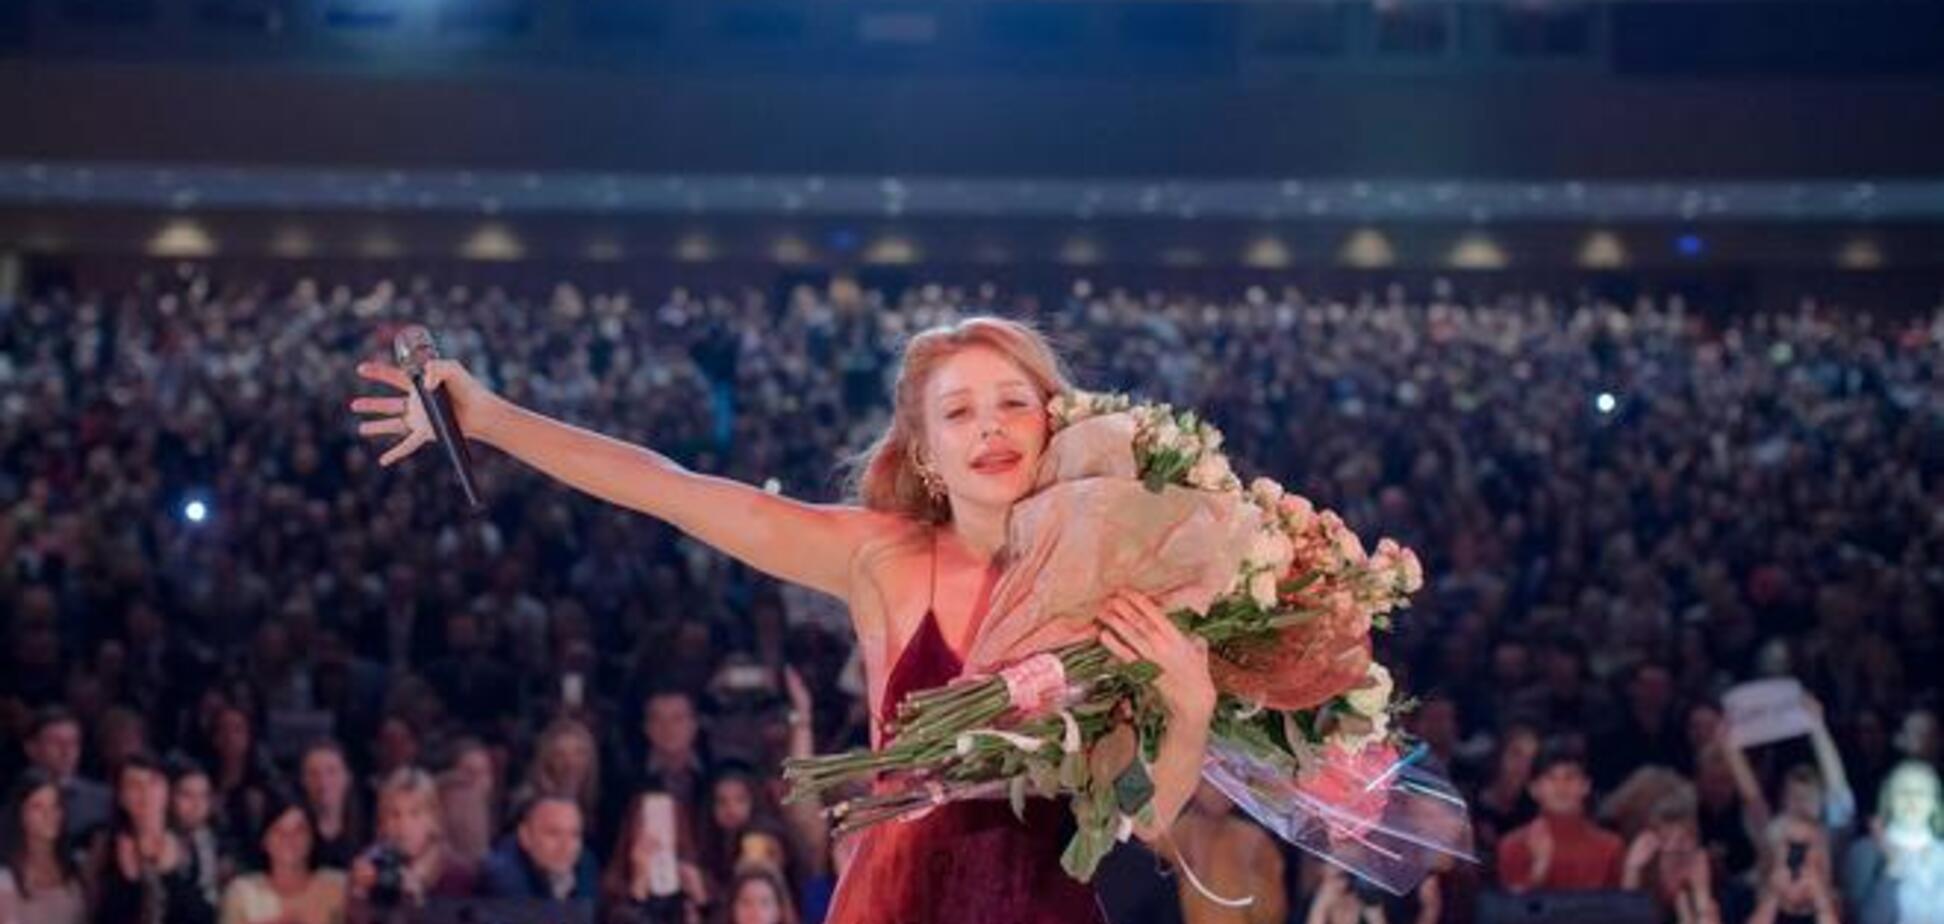 Тина Кароль едет в Крым с благотворительными концертами